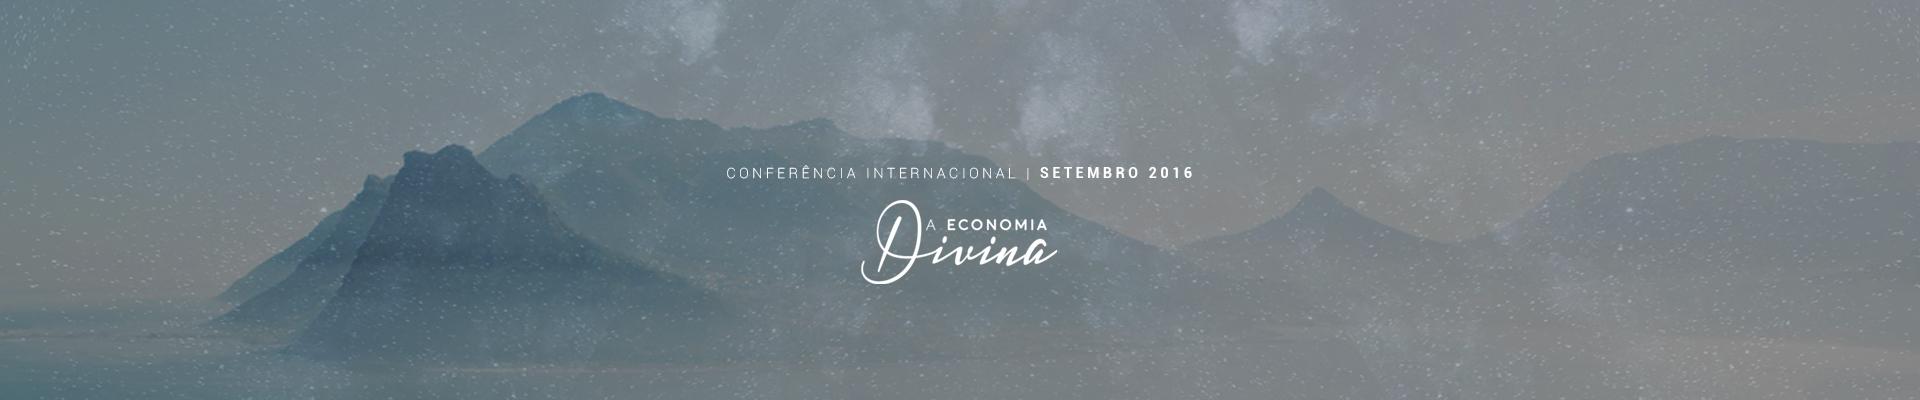 conferencia-internacional-setembro-2016